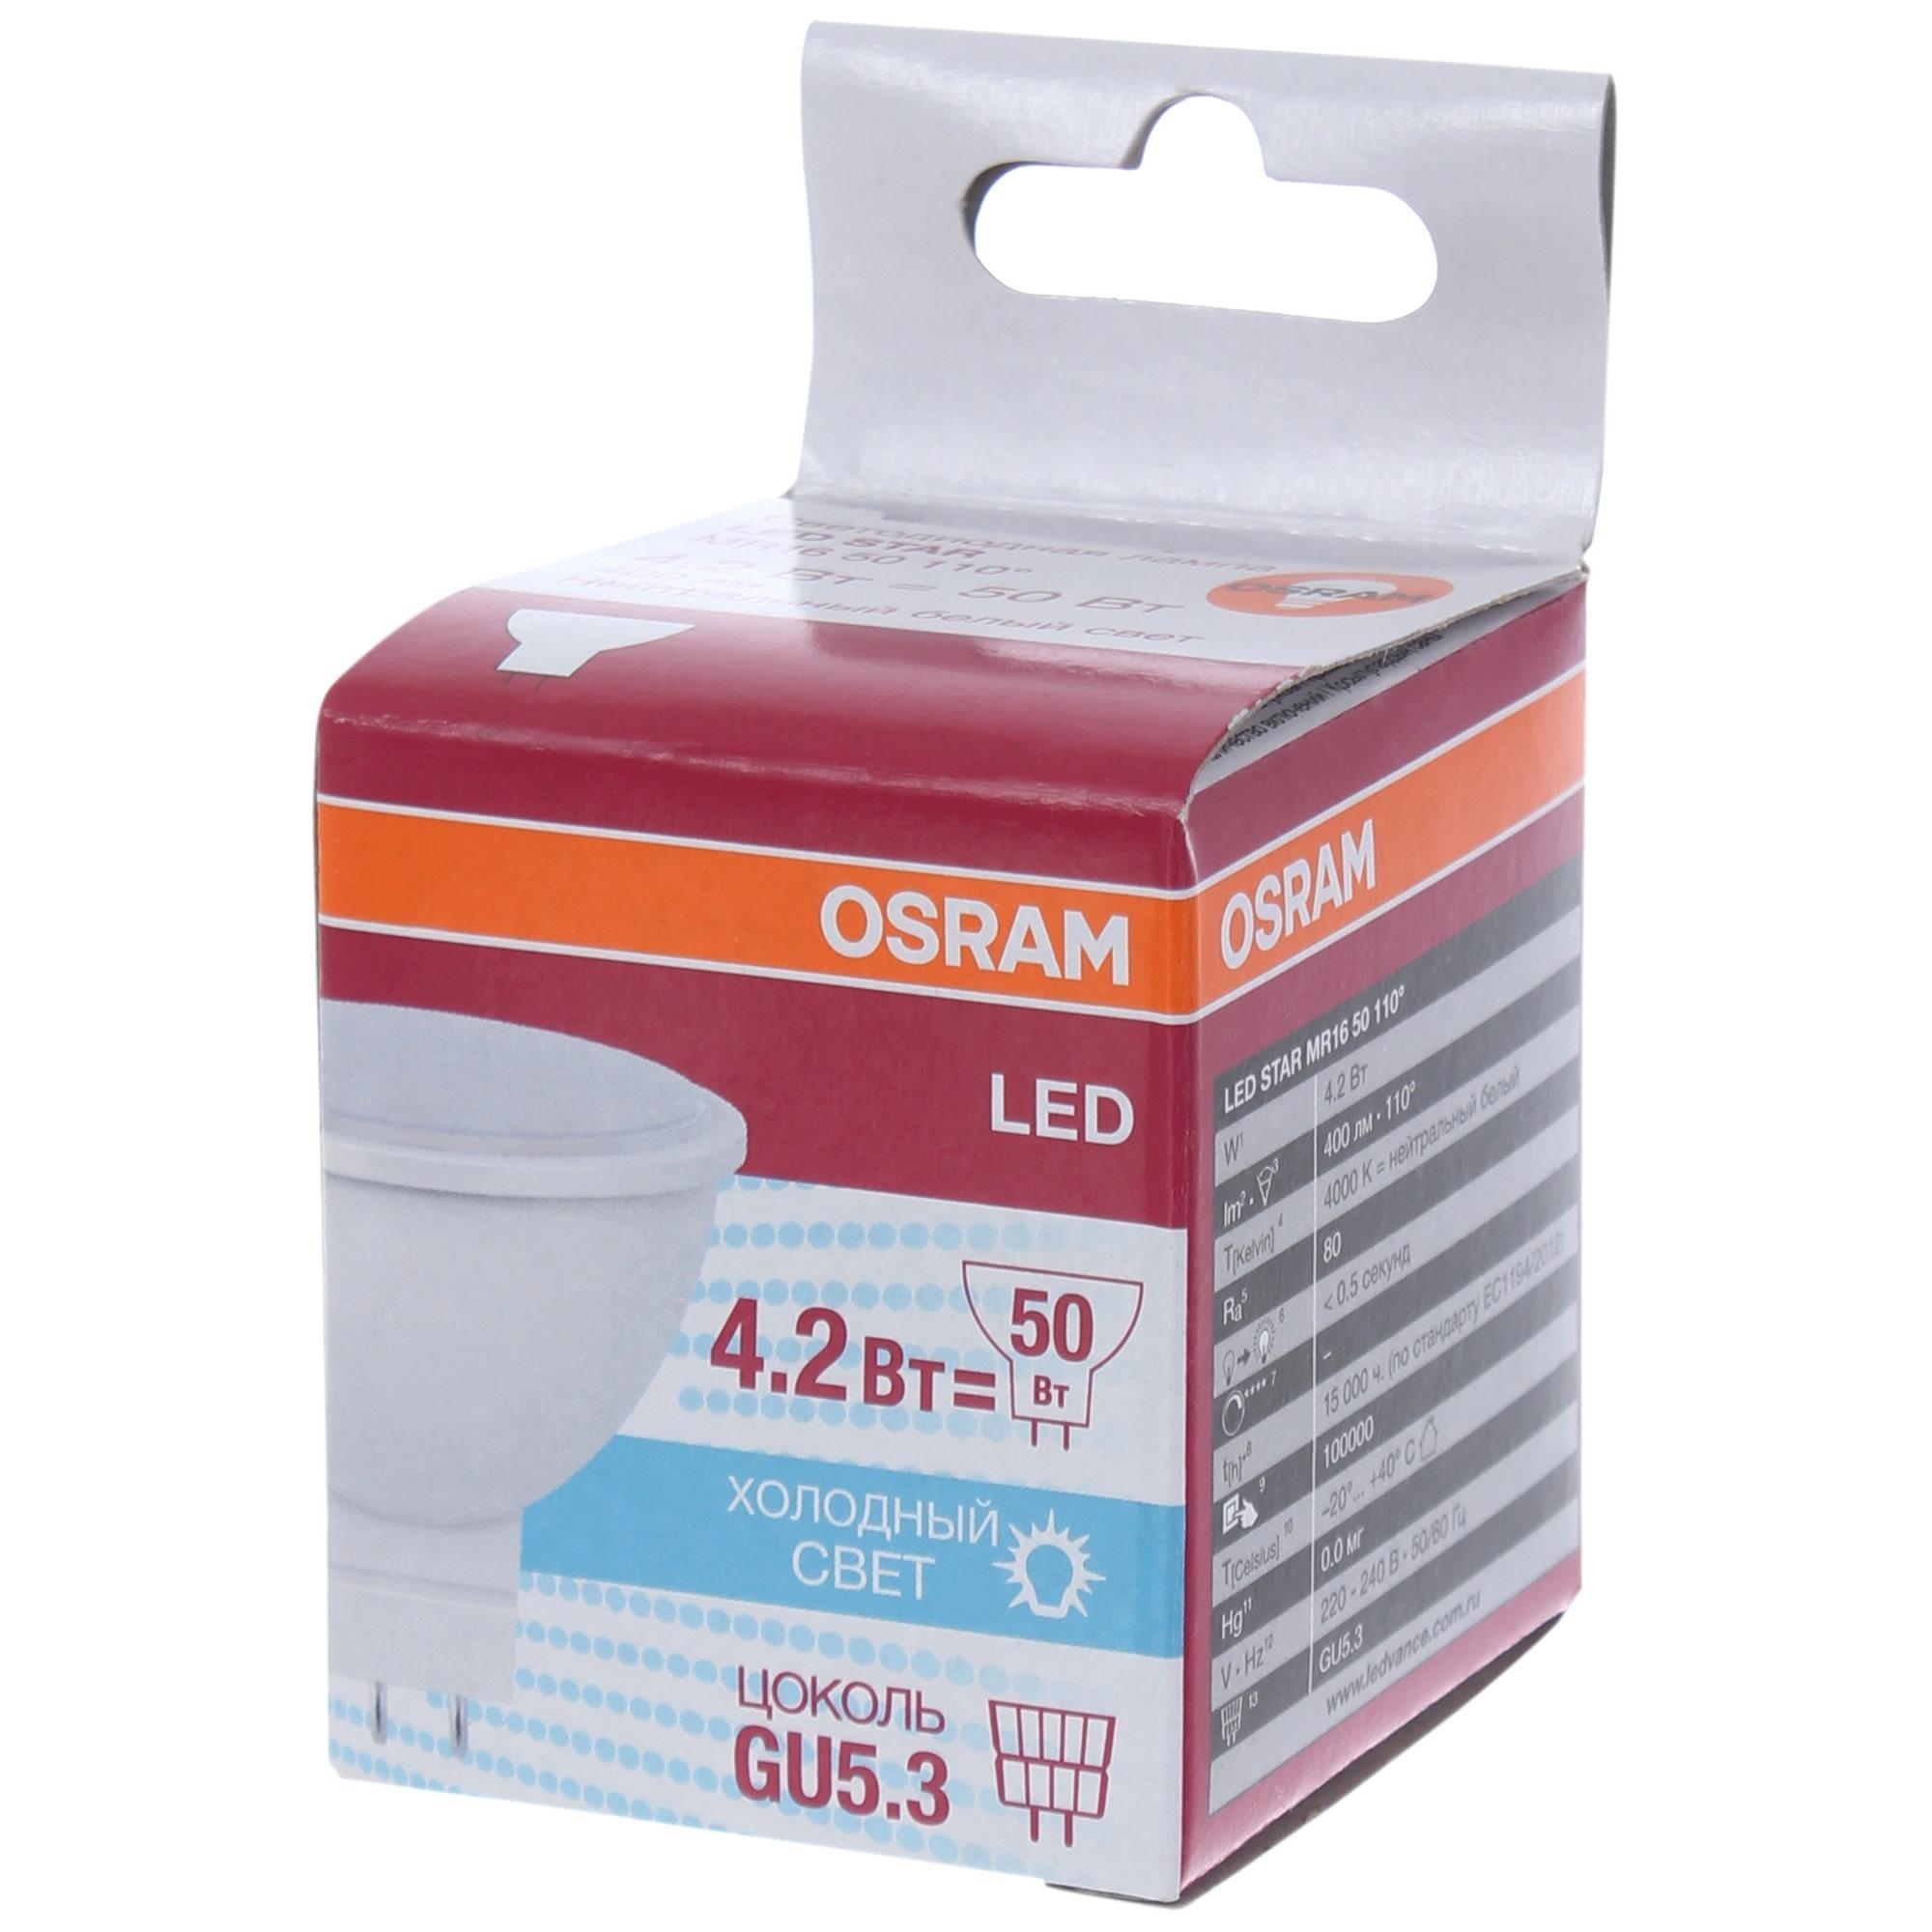 Лампа светодиодная Osram GU5.3 4.2 Вт 400 Лм свет холодный белый матовая колба